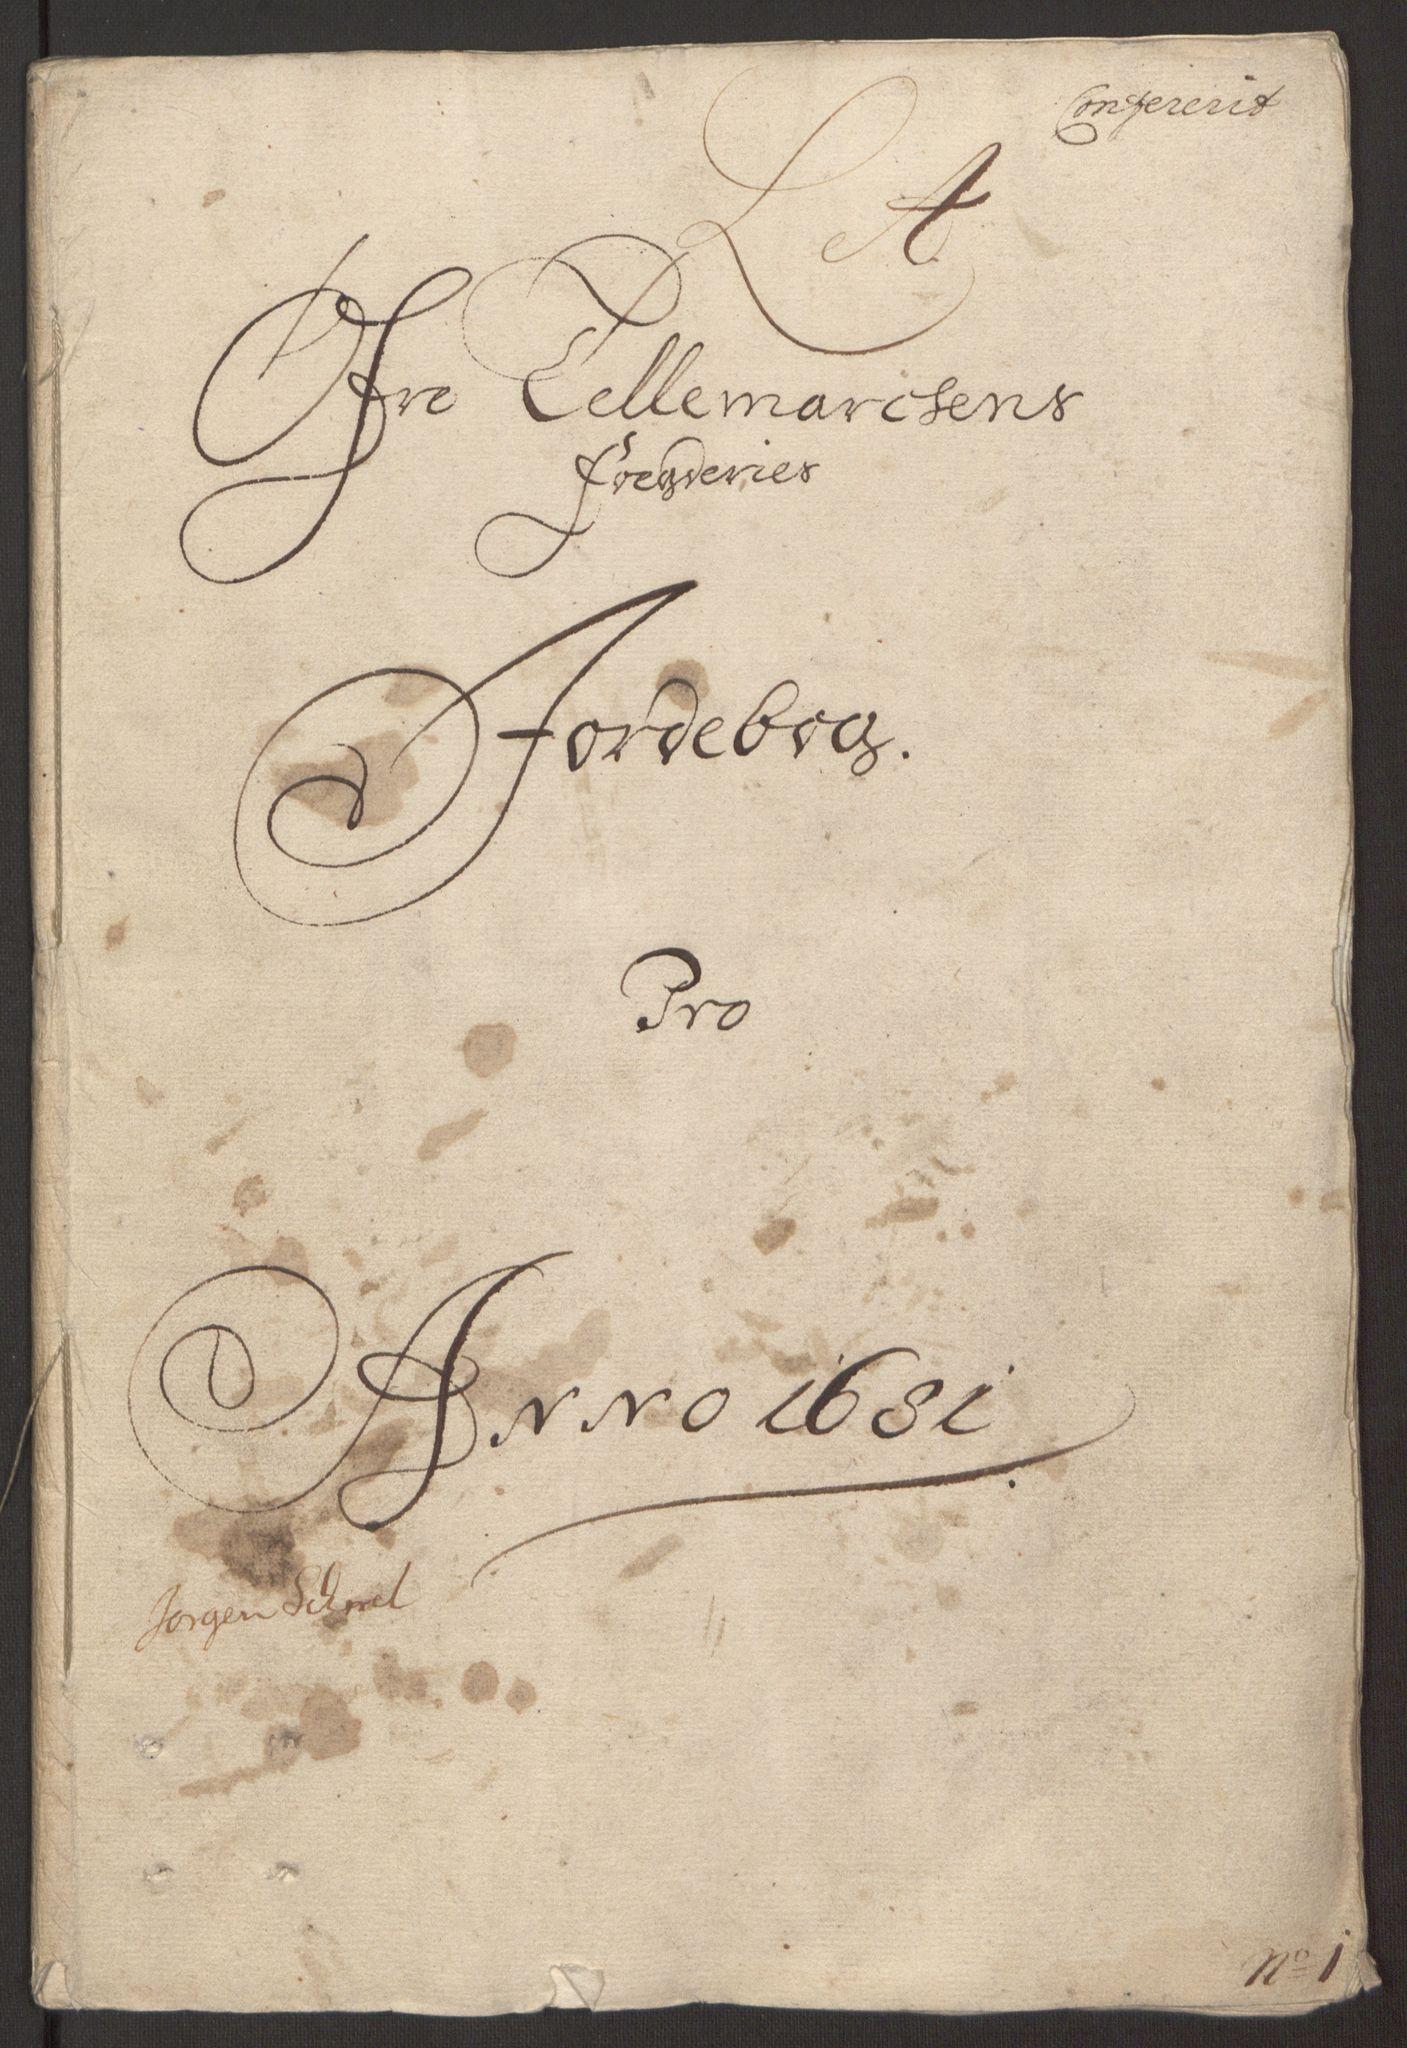 RA, Rentekammeret inntil 1814, Reviderte regnskaper, Fogderegnskap, R35/L2077: Fogderegnskap Øvre og Nedre Telemark, 1680-1684, s. 3